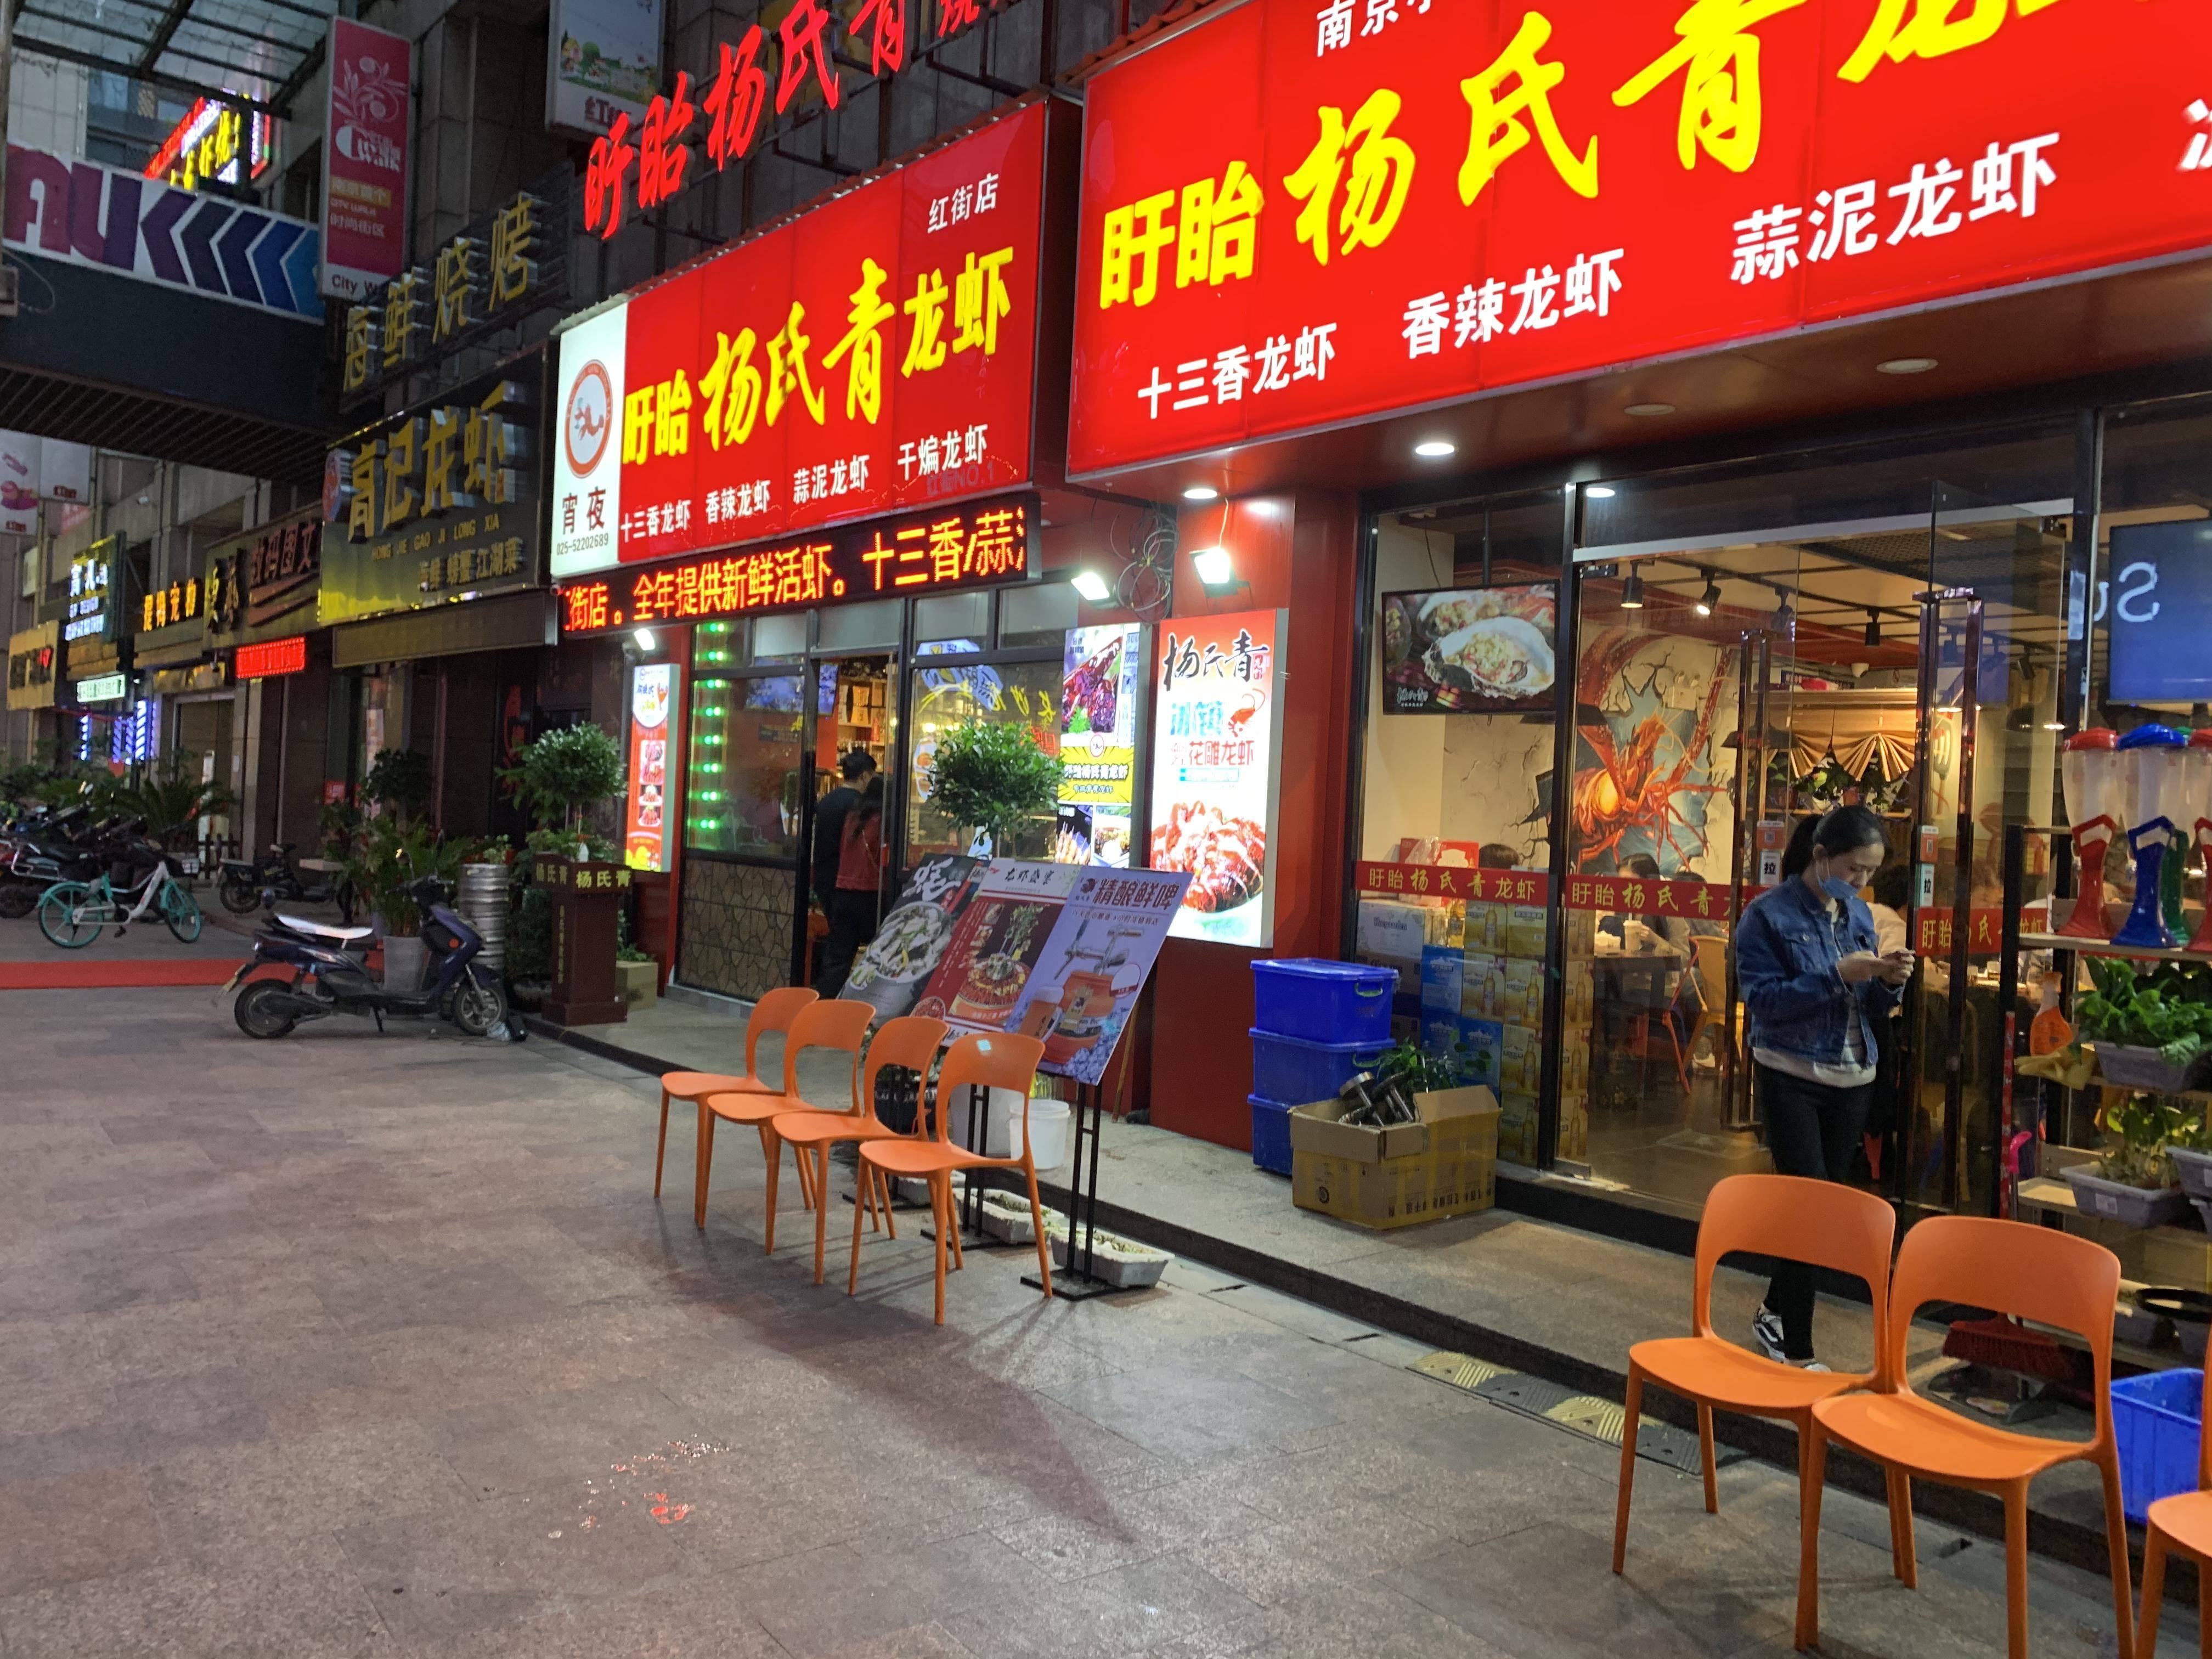 红街聚集了多家小龙虾餐厅。南报融媒体记者 翟羽 摄